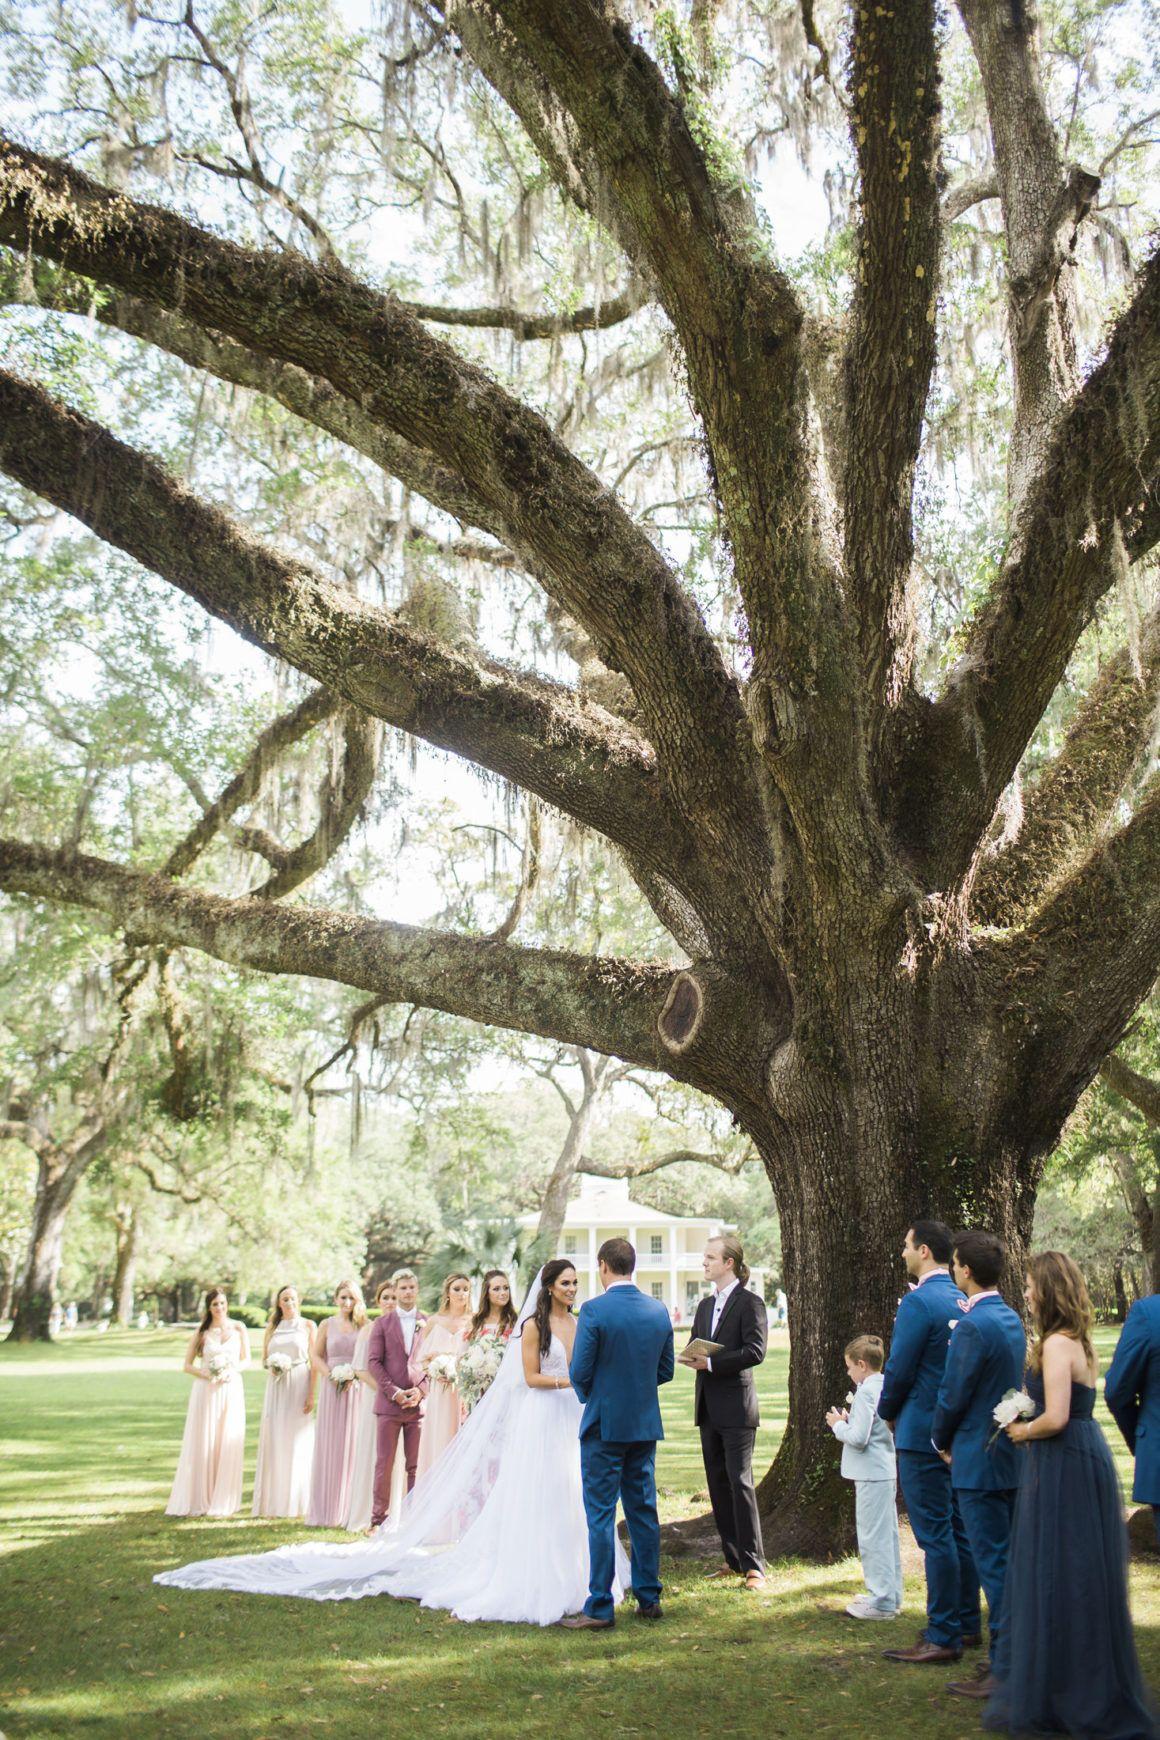 Eden Gardens State Park Wedding Gina and Alex Seaside